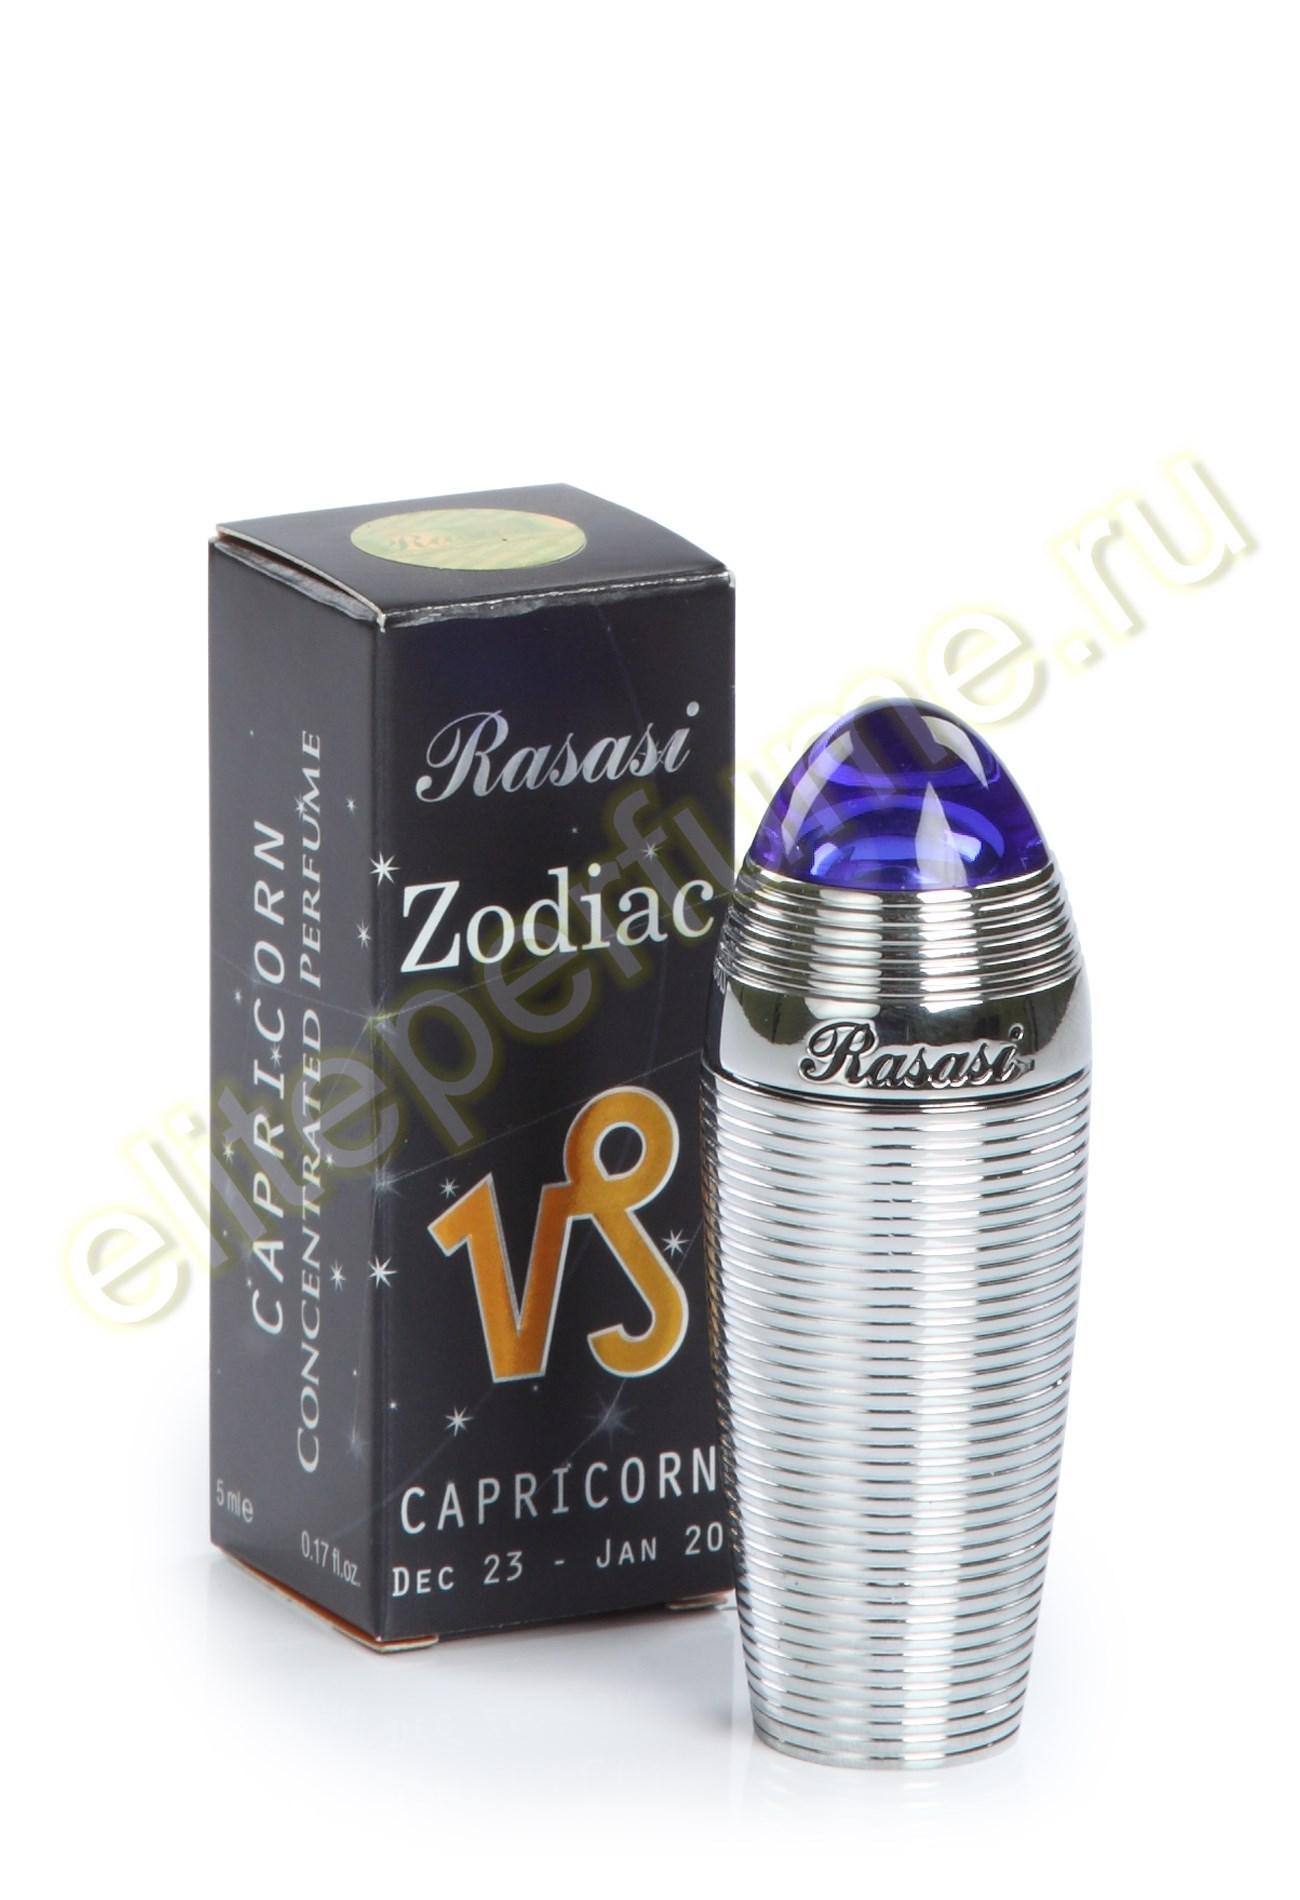 Пробники для арабских духов Зодиак Козерог Zodiac Capricorn 1 мл арабские масляные духи от Расаси Rasasi Perfumes